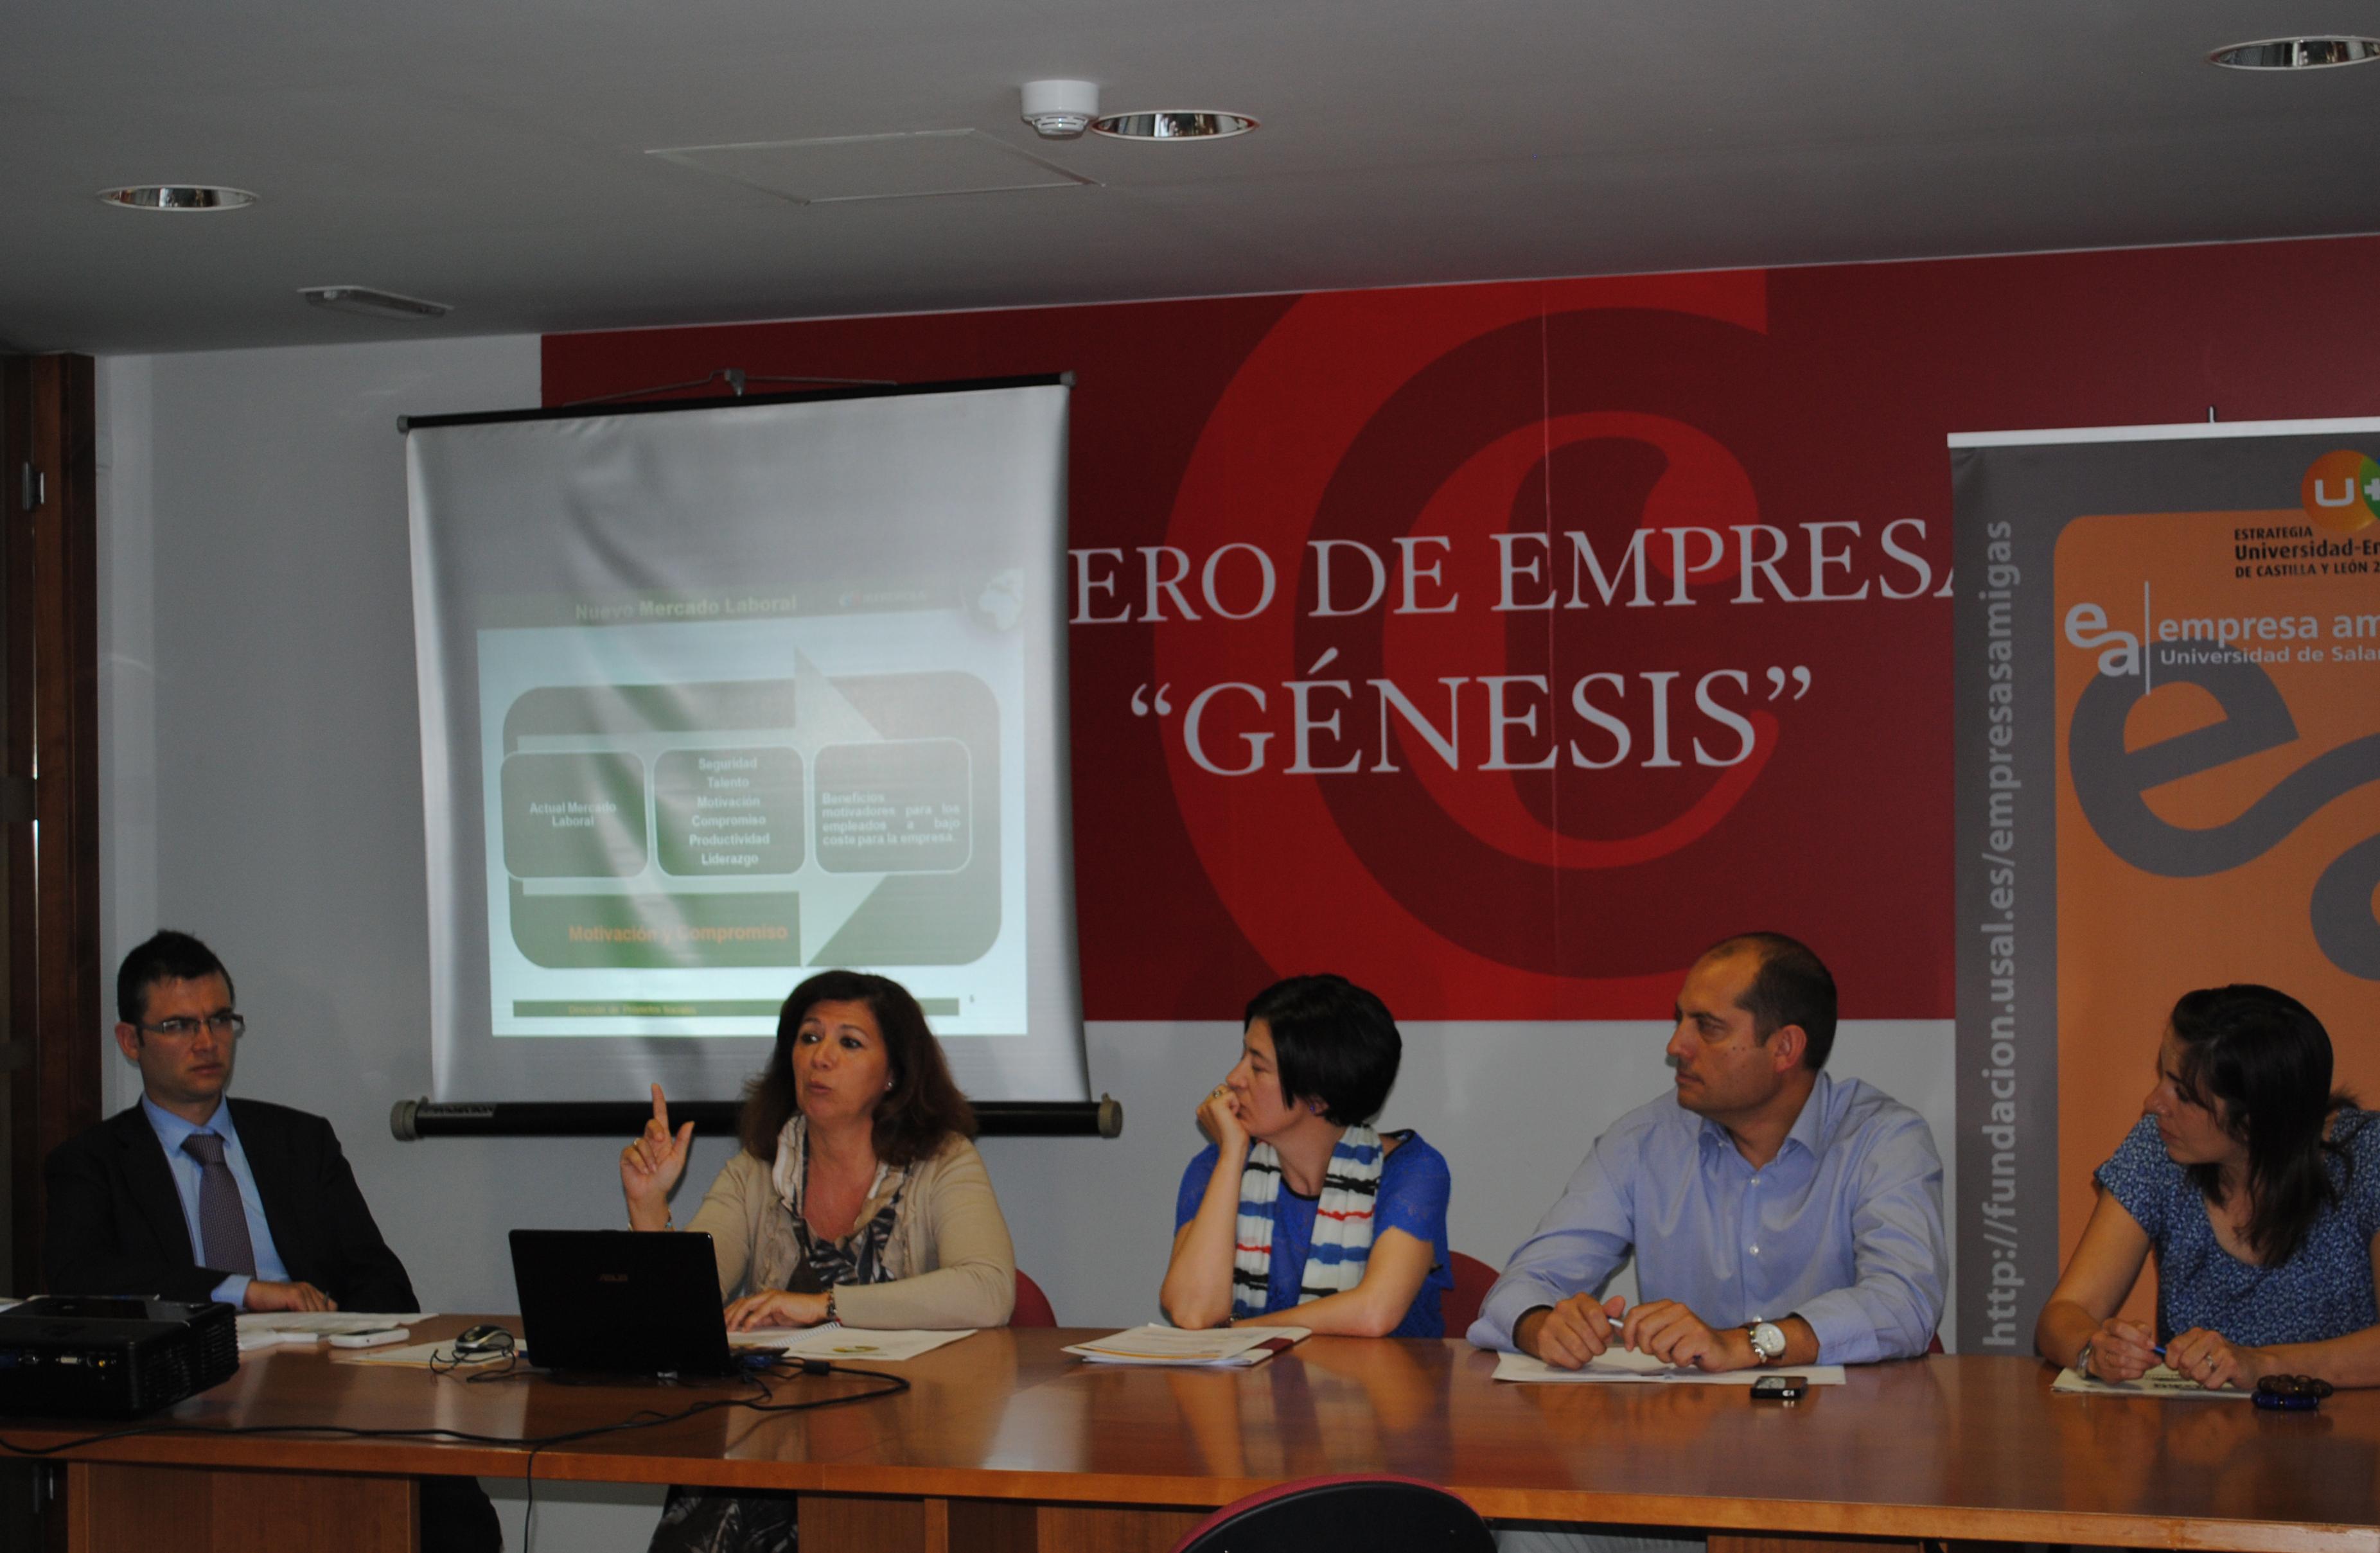 La Fundación General de la Universidad de Salamanca ofrece un curso sobre gestión de la diversidad en la empresa